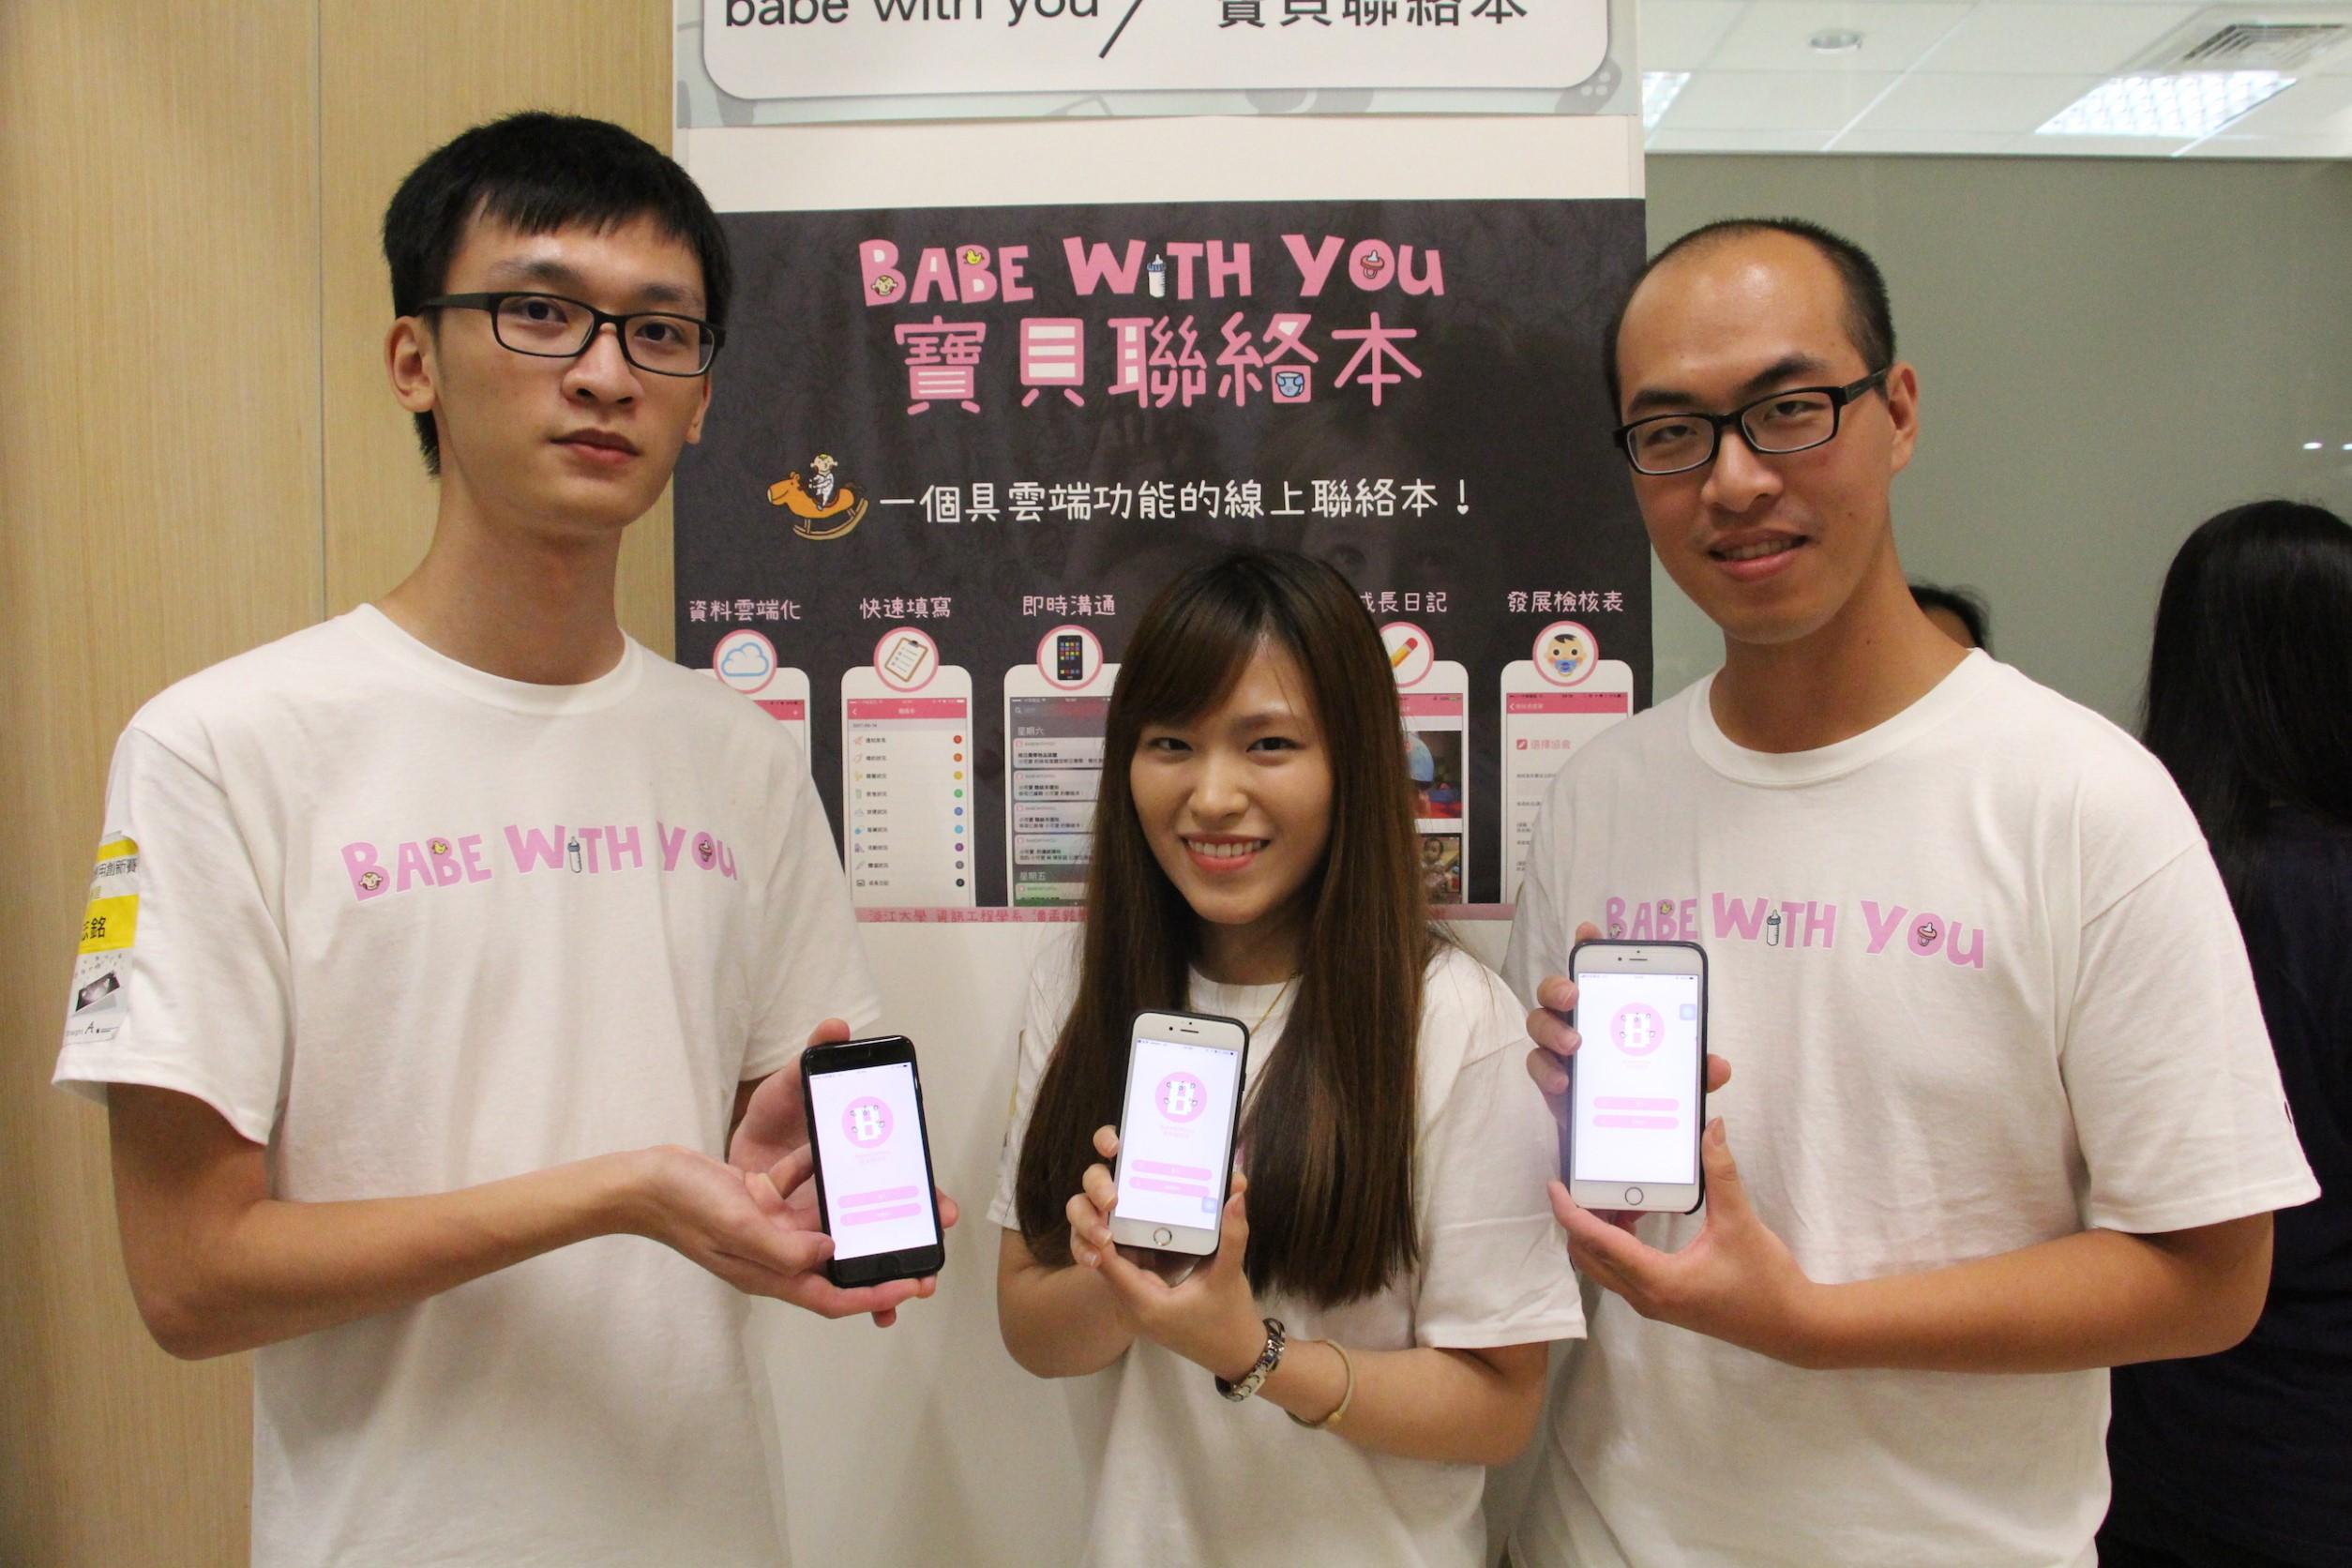 大中華區最盛大 APP 競技殿堂 「2018 APP 移動應用創新賽」即起開放報名